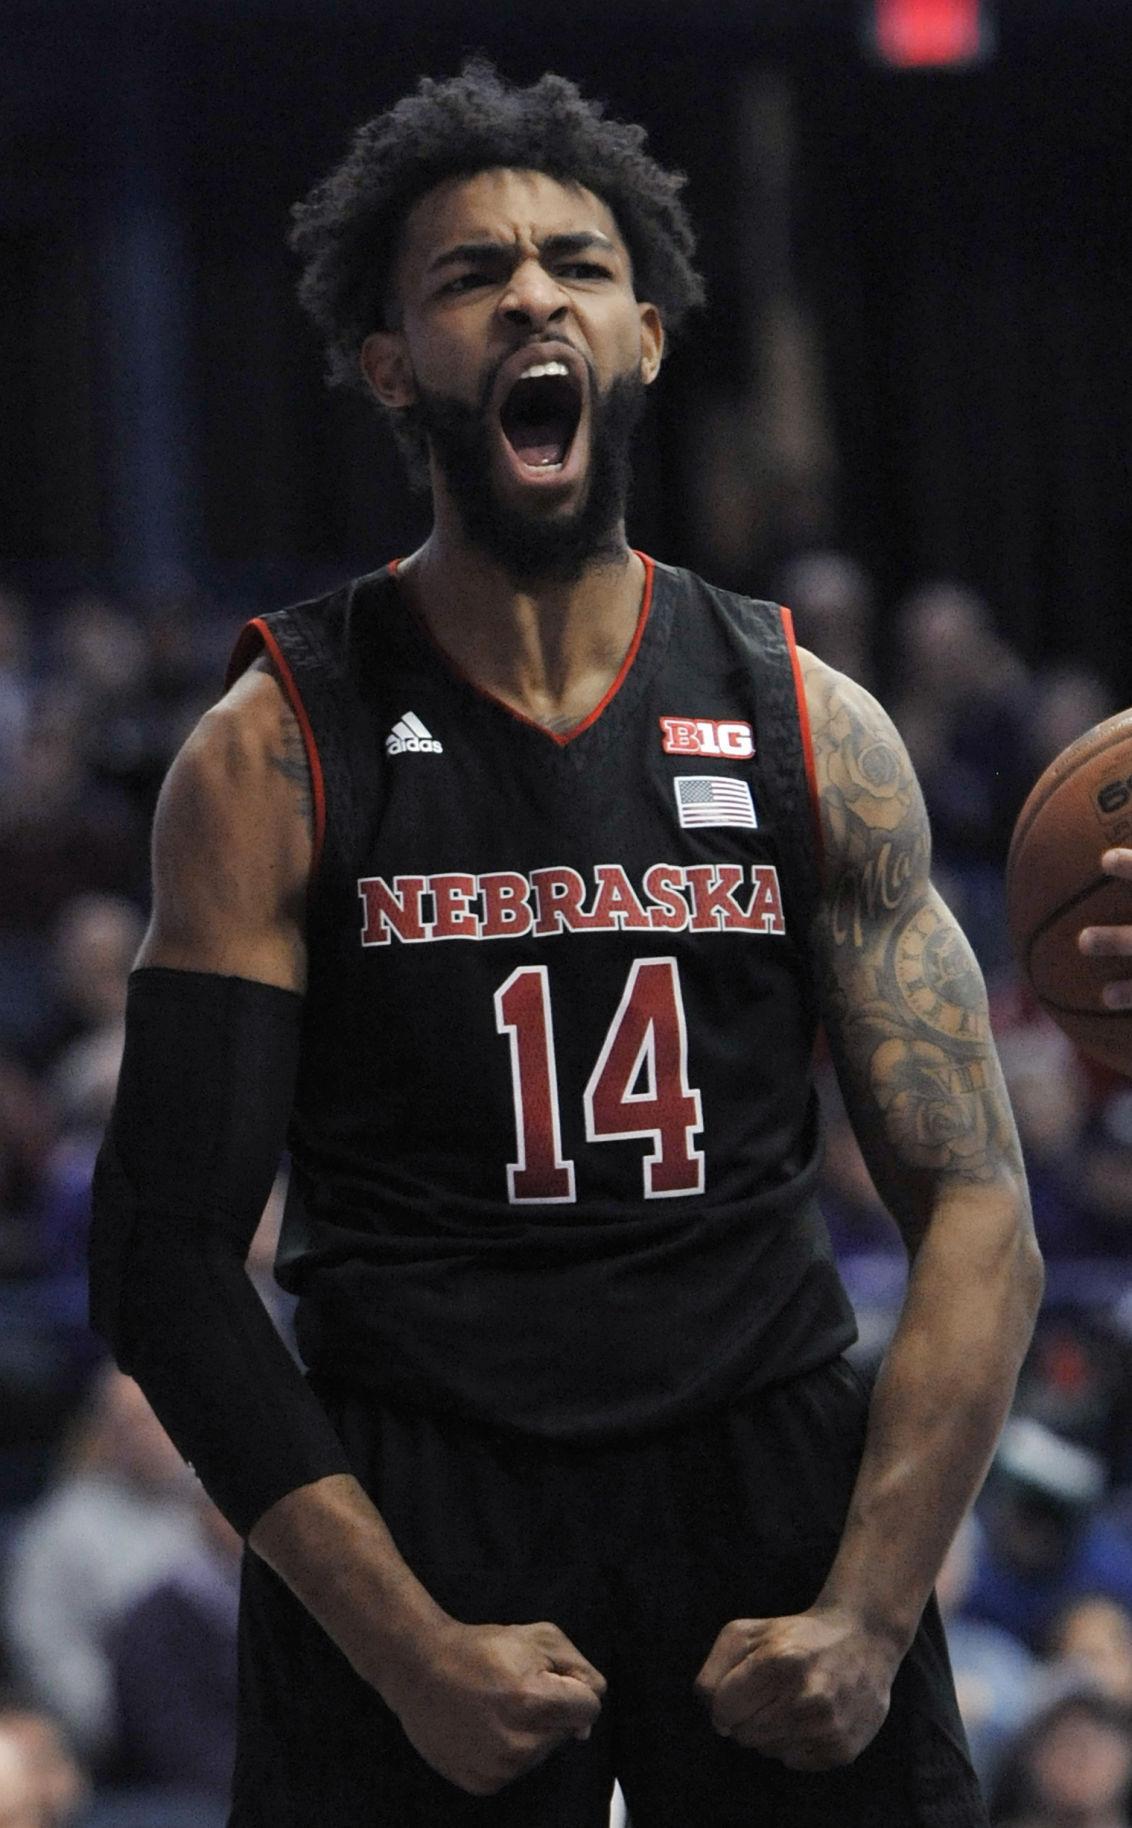 Nebraska Northwestern Basketball